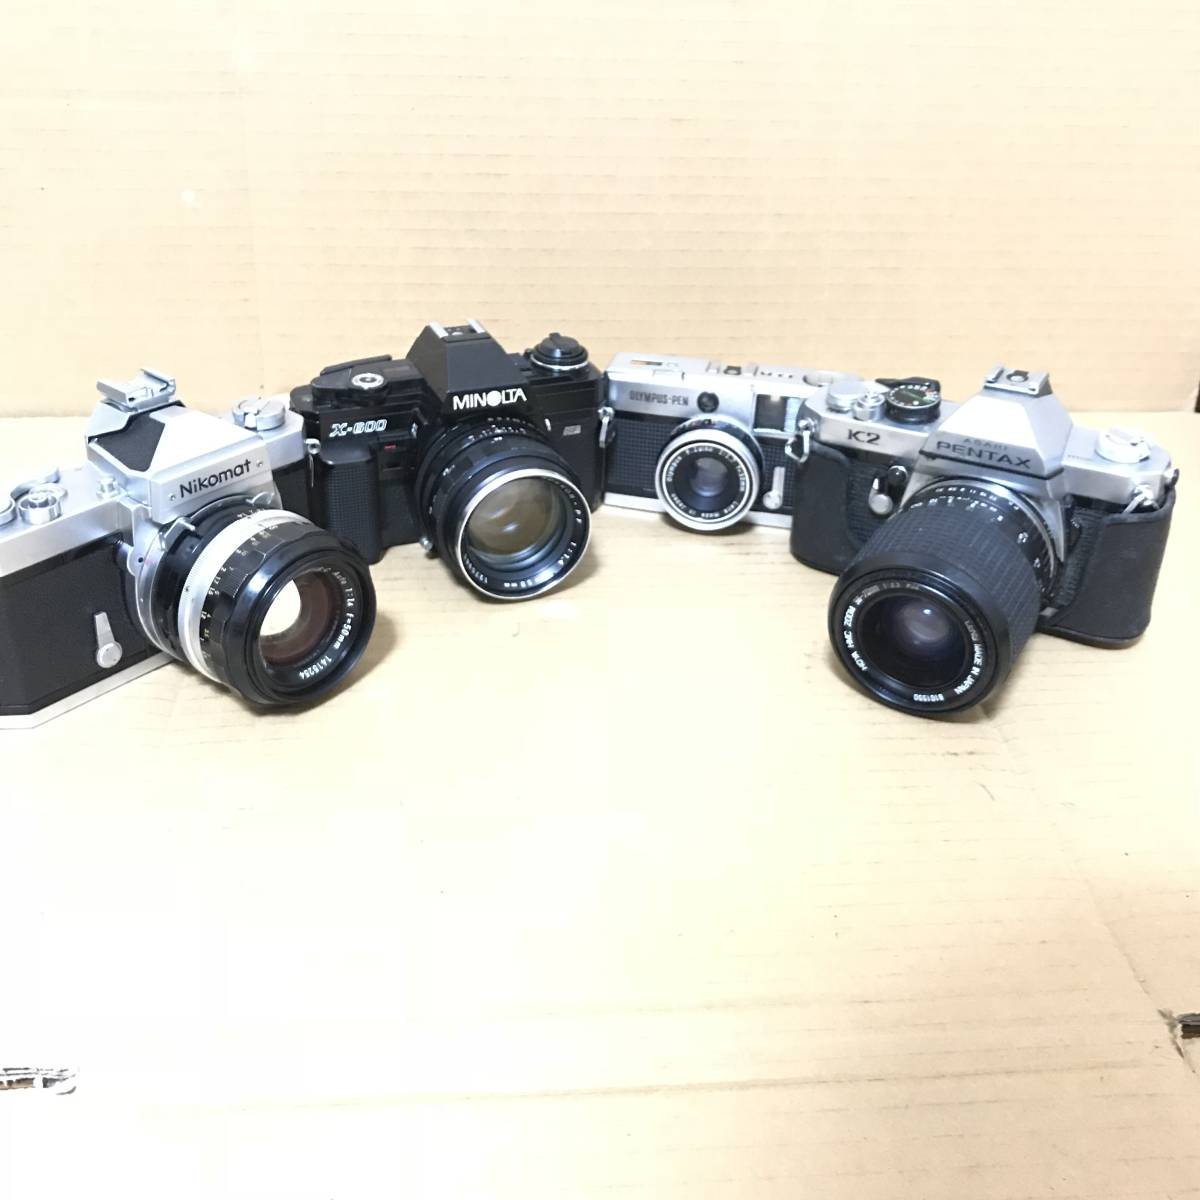 ニコン Nikon 50mm 1:1.4 オリンパス OLYMPUS PEN EED ミノルタ MINOLTA X-600 58mm 1:1.4 ペンタックス PENTAX 他 カメラ レンズ 色々